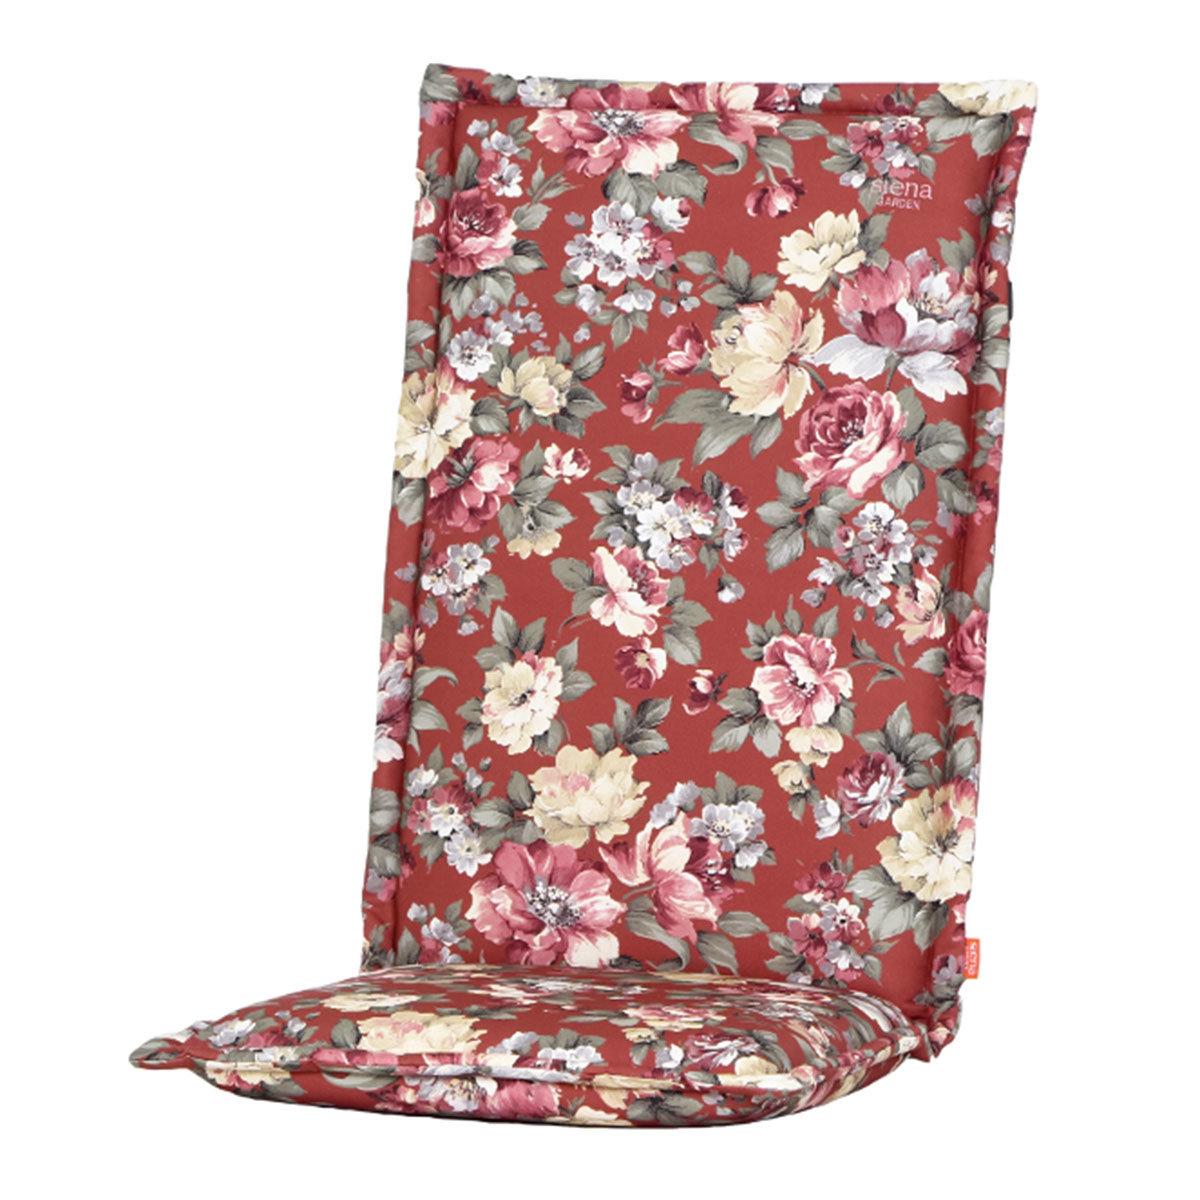 Hochlehner-Auflage Lissa, Blume-terrakotta